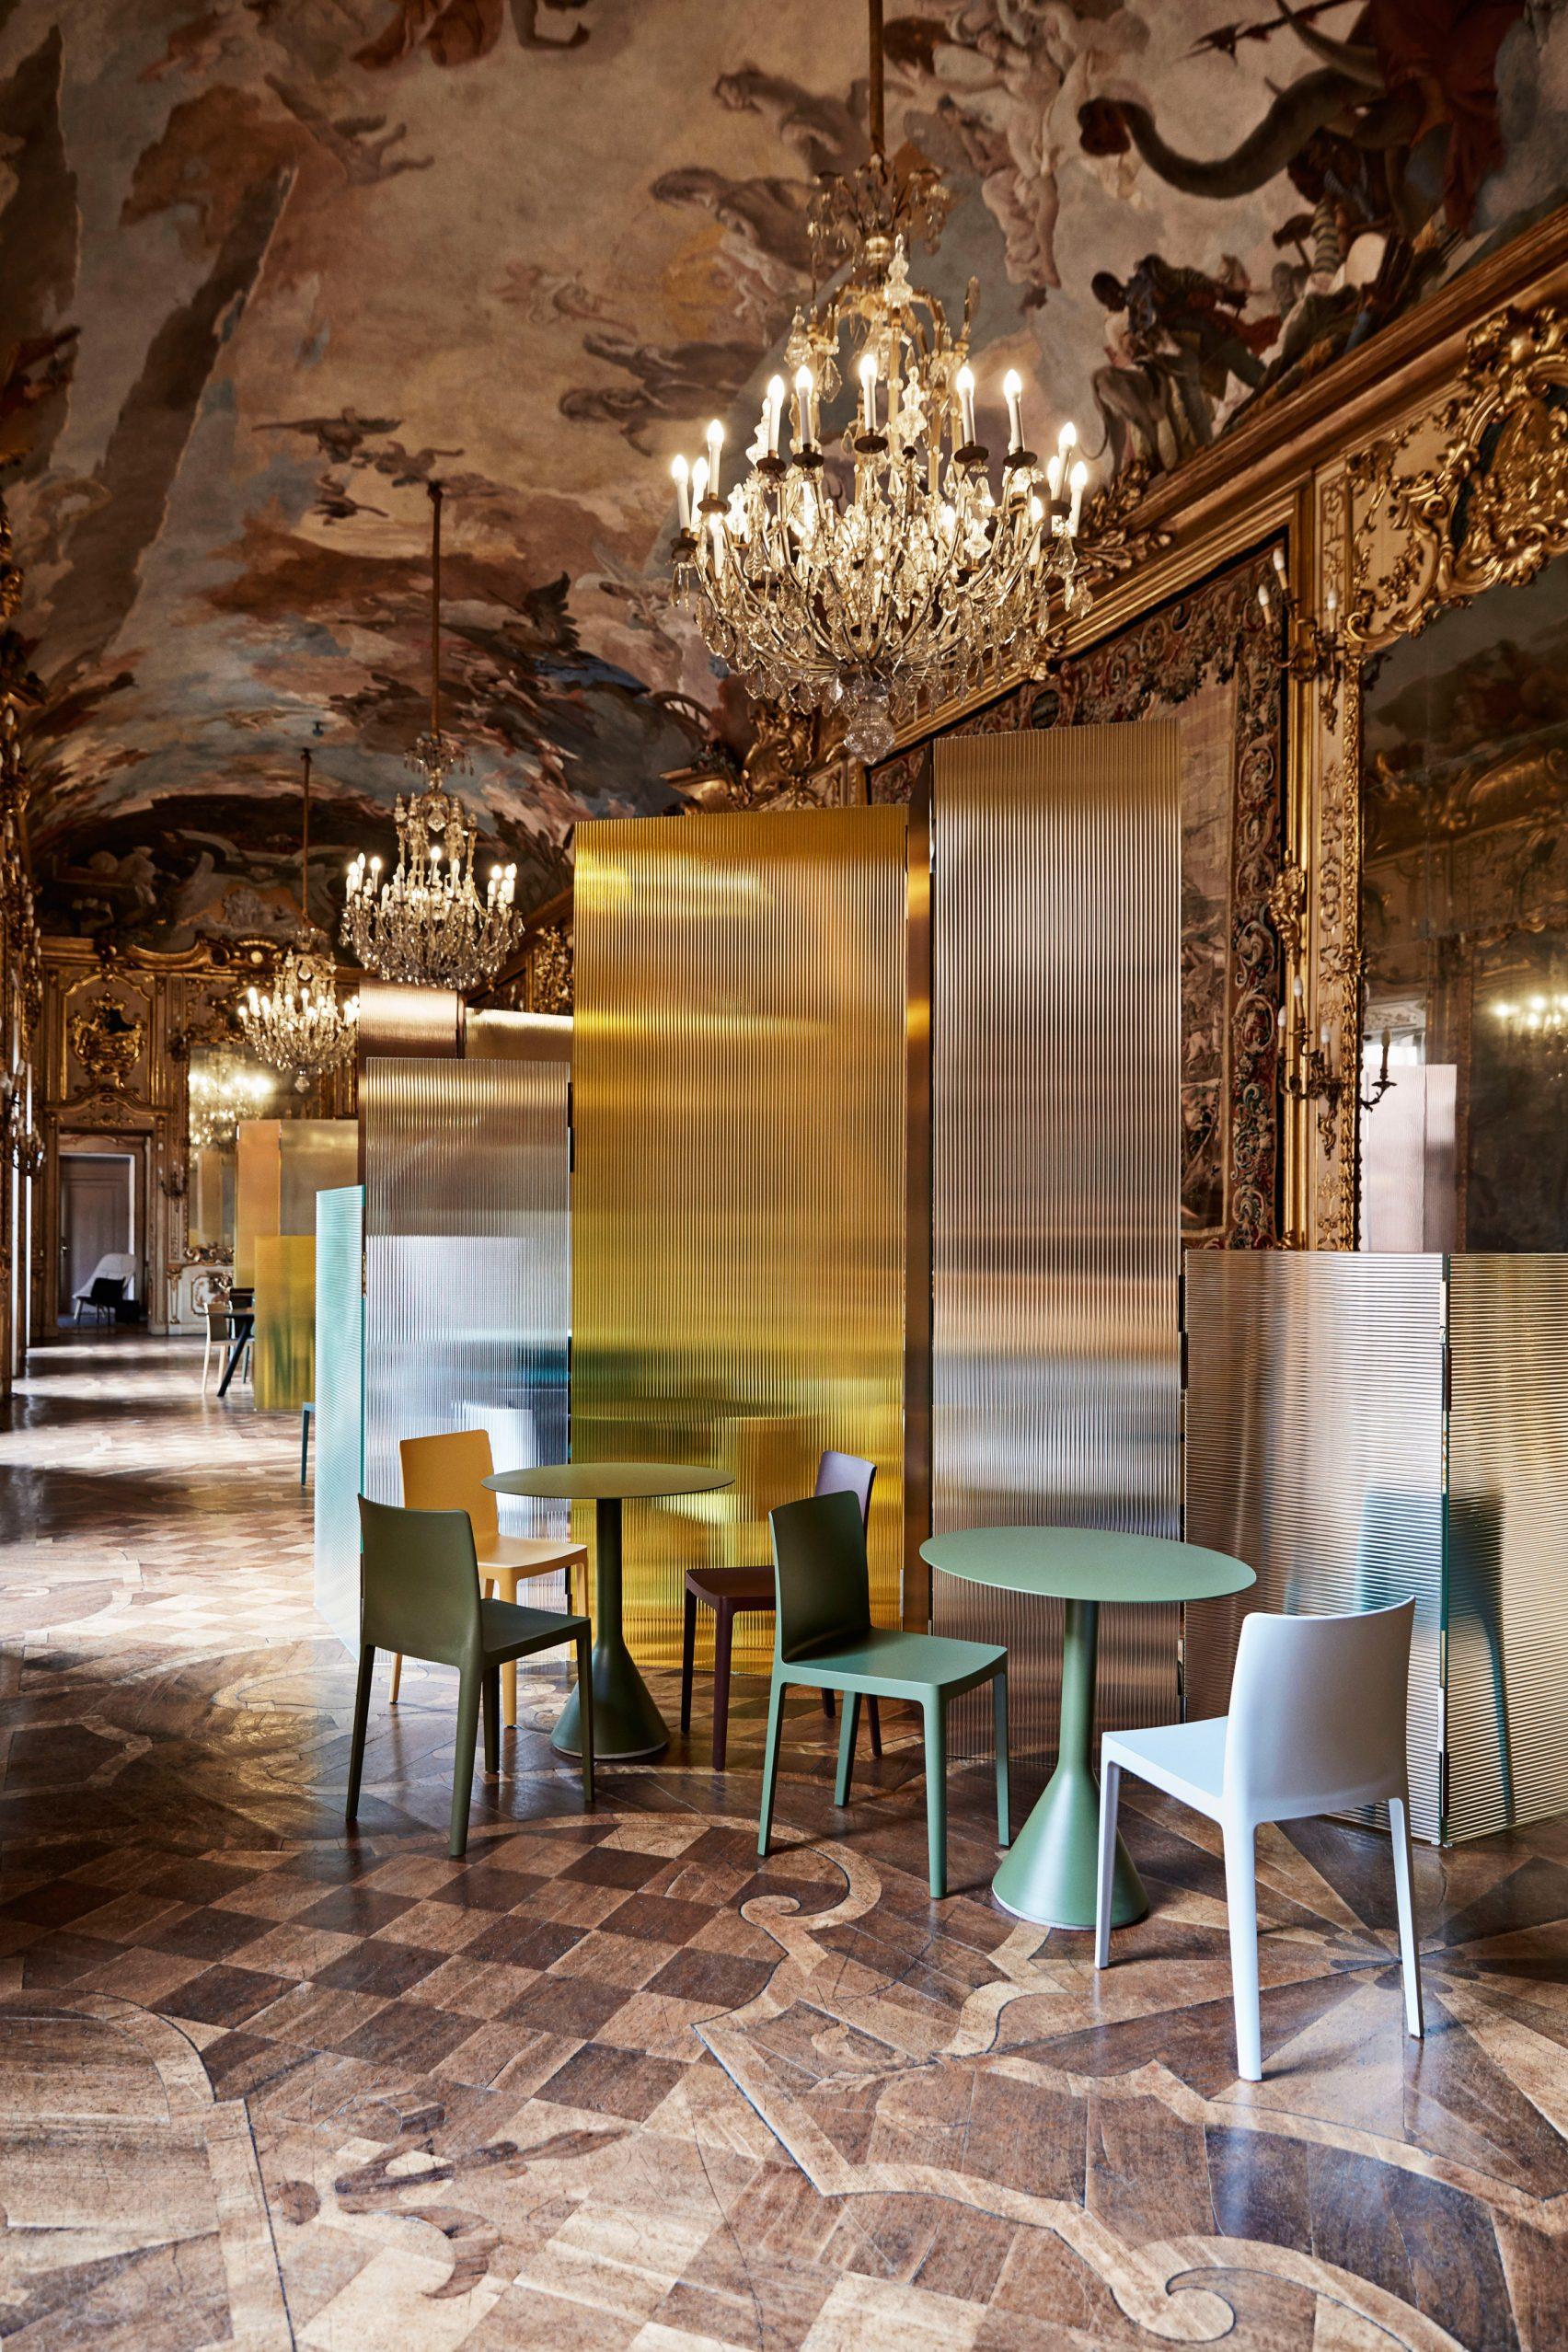 hay-wework-design-furniture-interiors-milan-italy_dezeen_2364_col_9-1704x2556.jpg